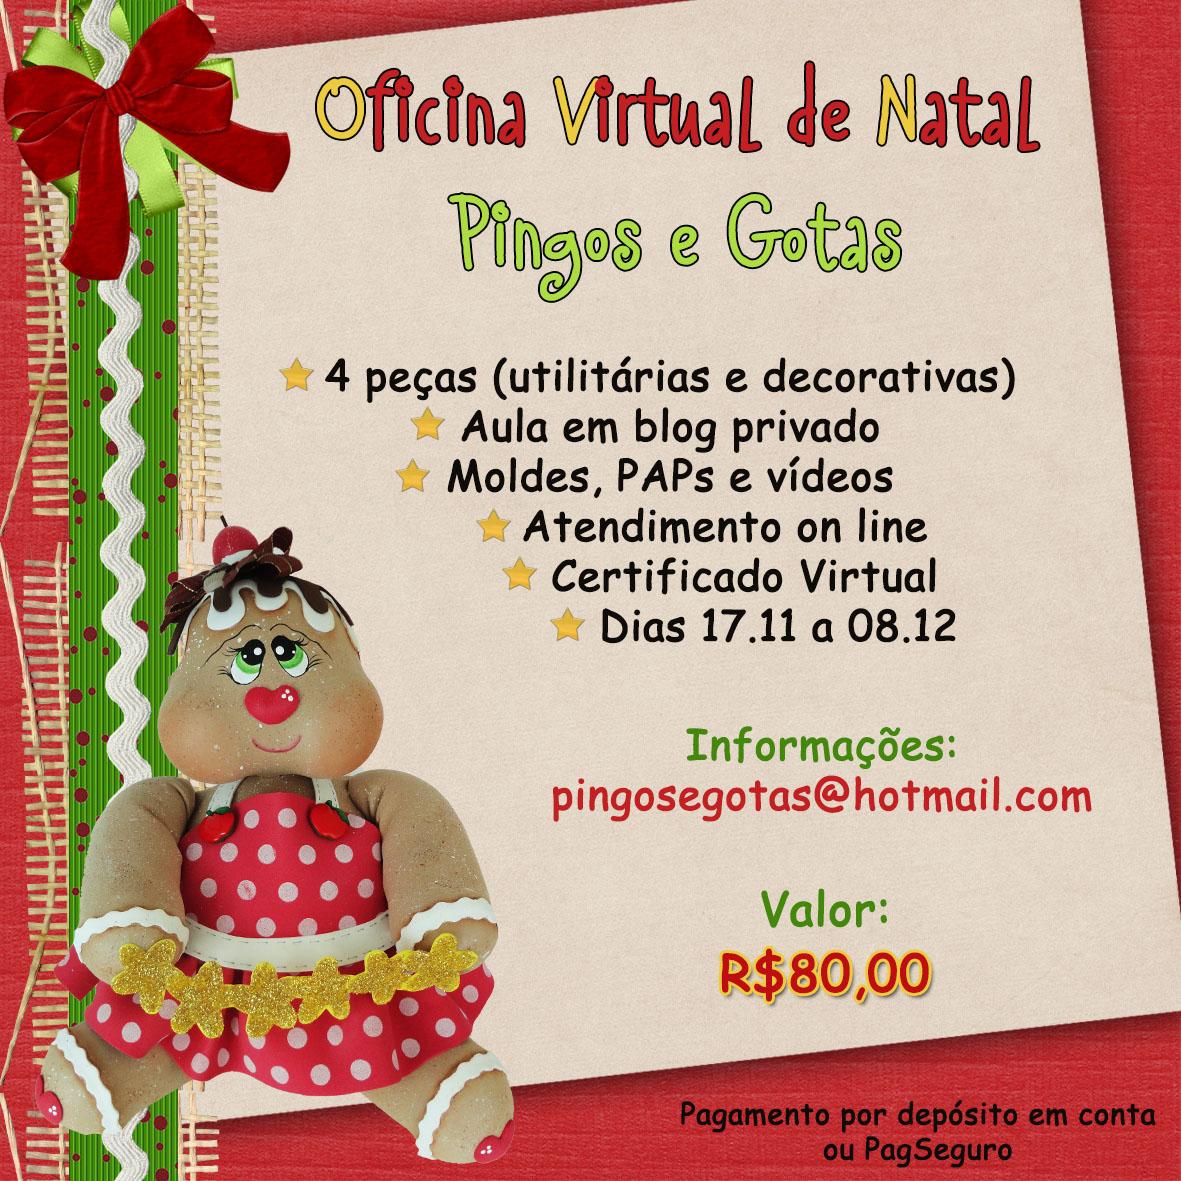 Pingos e gotas oficina virtual de natal pingos e gotas for Oficina virtual economica